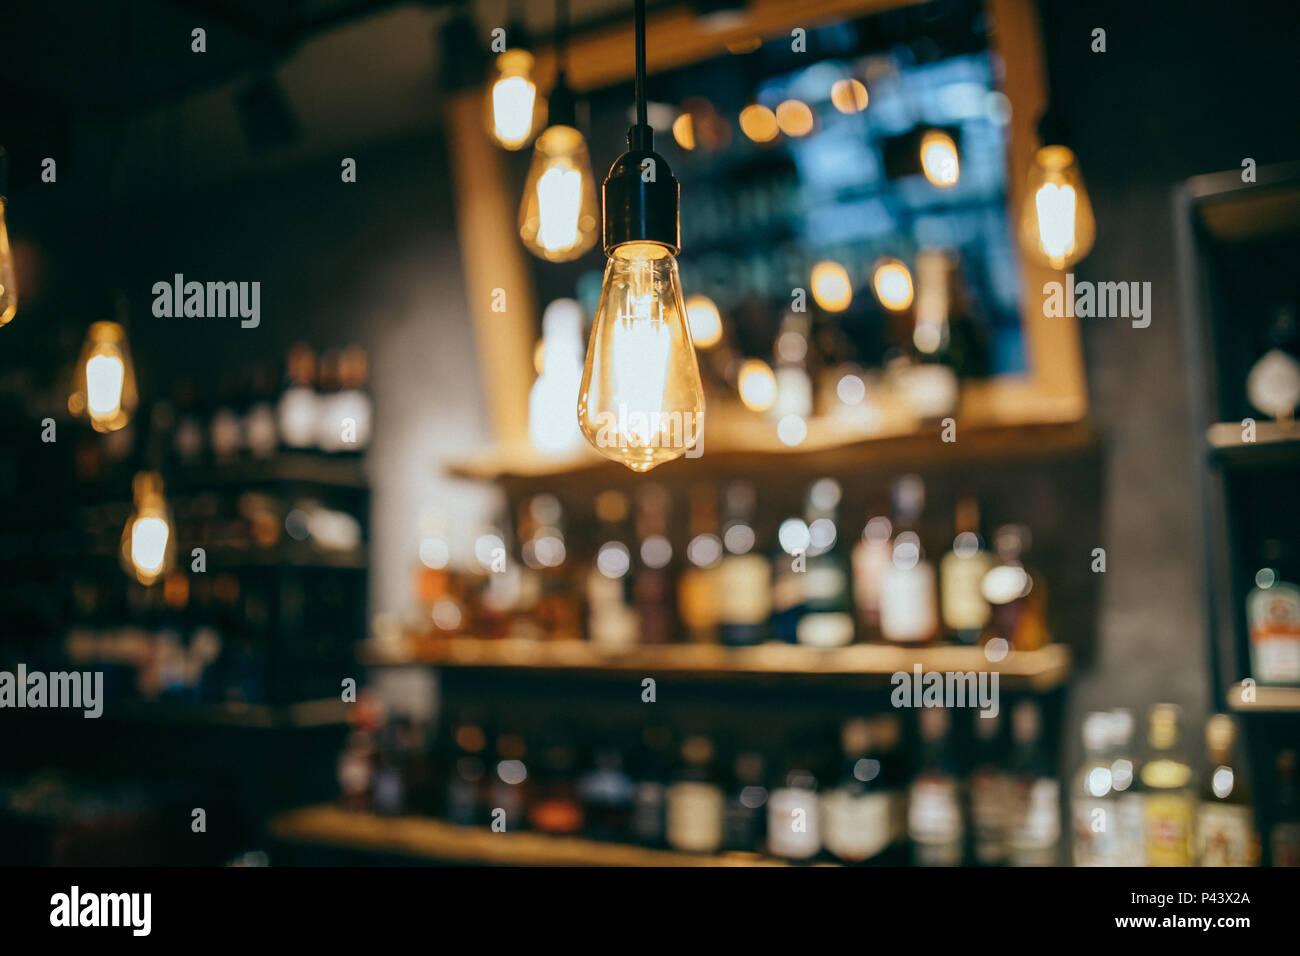 Lusso vintage illuminazione interna decor. vecchio vintage lampadina